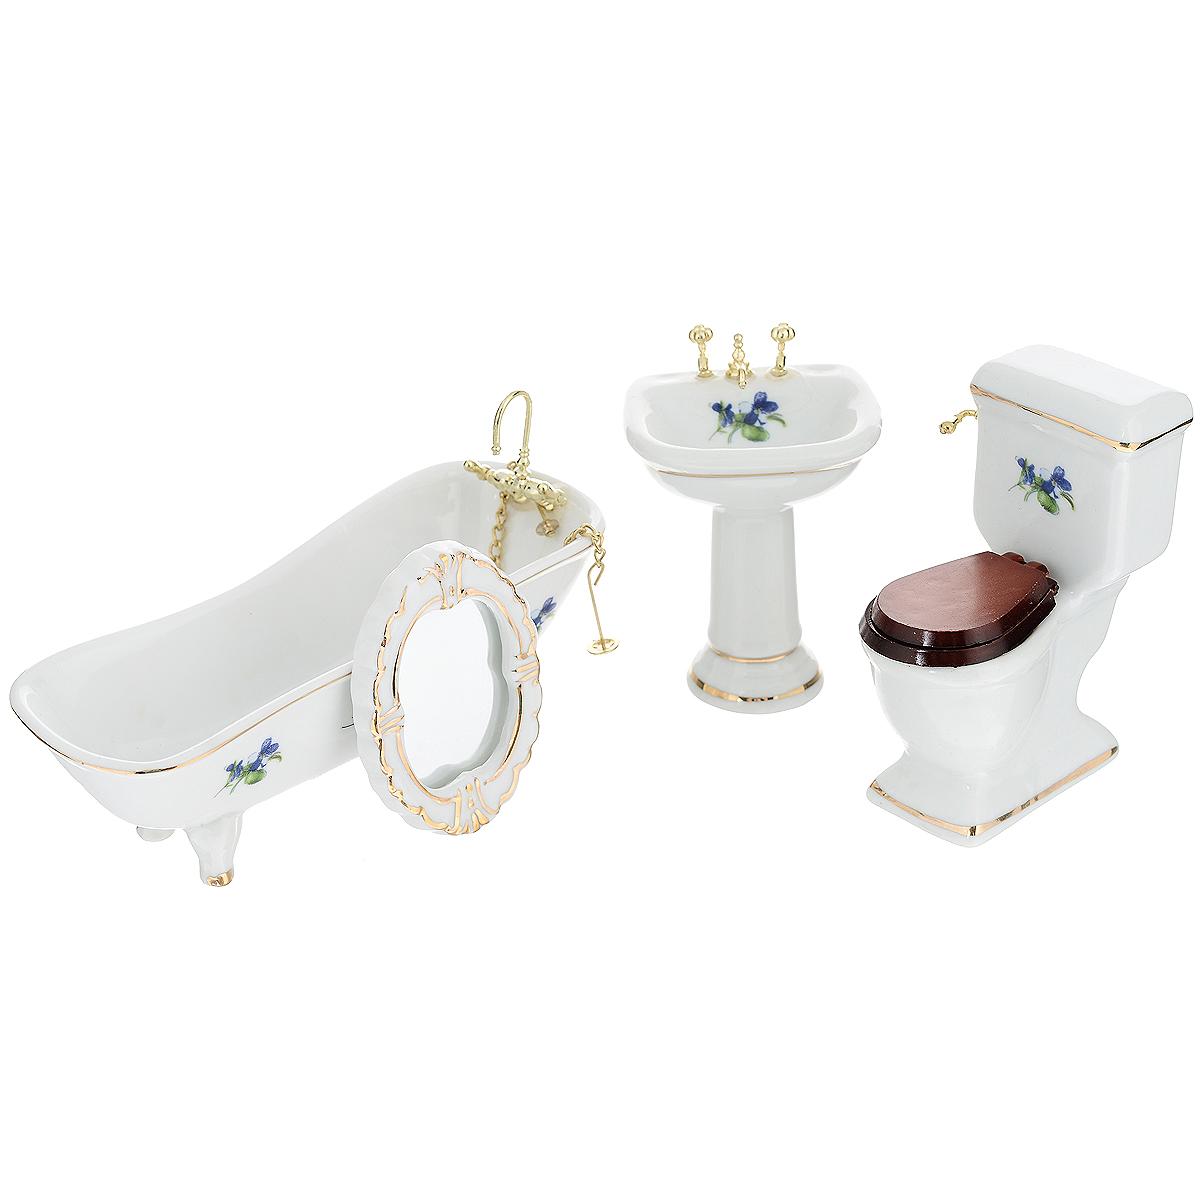 Миниатюра кукольная Art of Mini Набор фарфоровой сантехники, 4 предметаAM0100012Миниатюра кукольная Art of Mini Набор фарфоровой сантехники изготовлена из фарфора белого цвета с цветочным узором в масштабе 1:12. Набор состоит из 4 предметов: ванны, унитаза, раковины и зеркала. Такая миниатюра прекрасно подойдет для украшения кукольных домиков, а также для оформления работ в самых различных техниках. С ее помощью можно обставлять румбокс. Можно использовать в шэдоубоксах или просто как изысканные украшения для скрап-работ. Размеры ванны: 13 см х 5 см х 4,5 см. Размер унитаза: 6 см х 3,5 см х 8 см. Размер раковины: 5 см х 4,5 см х 7,5 см. Размер зеркала: 6 см х 4,5 см х 0,5 см.